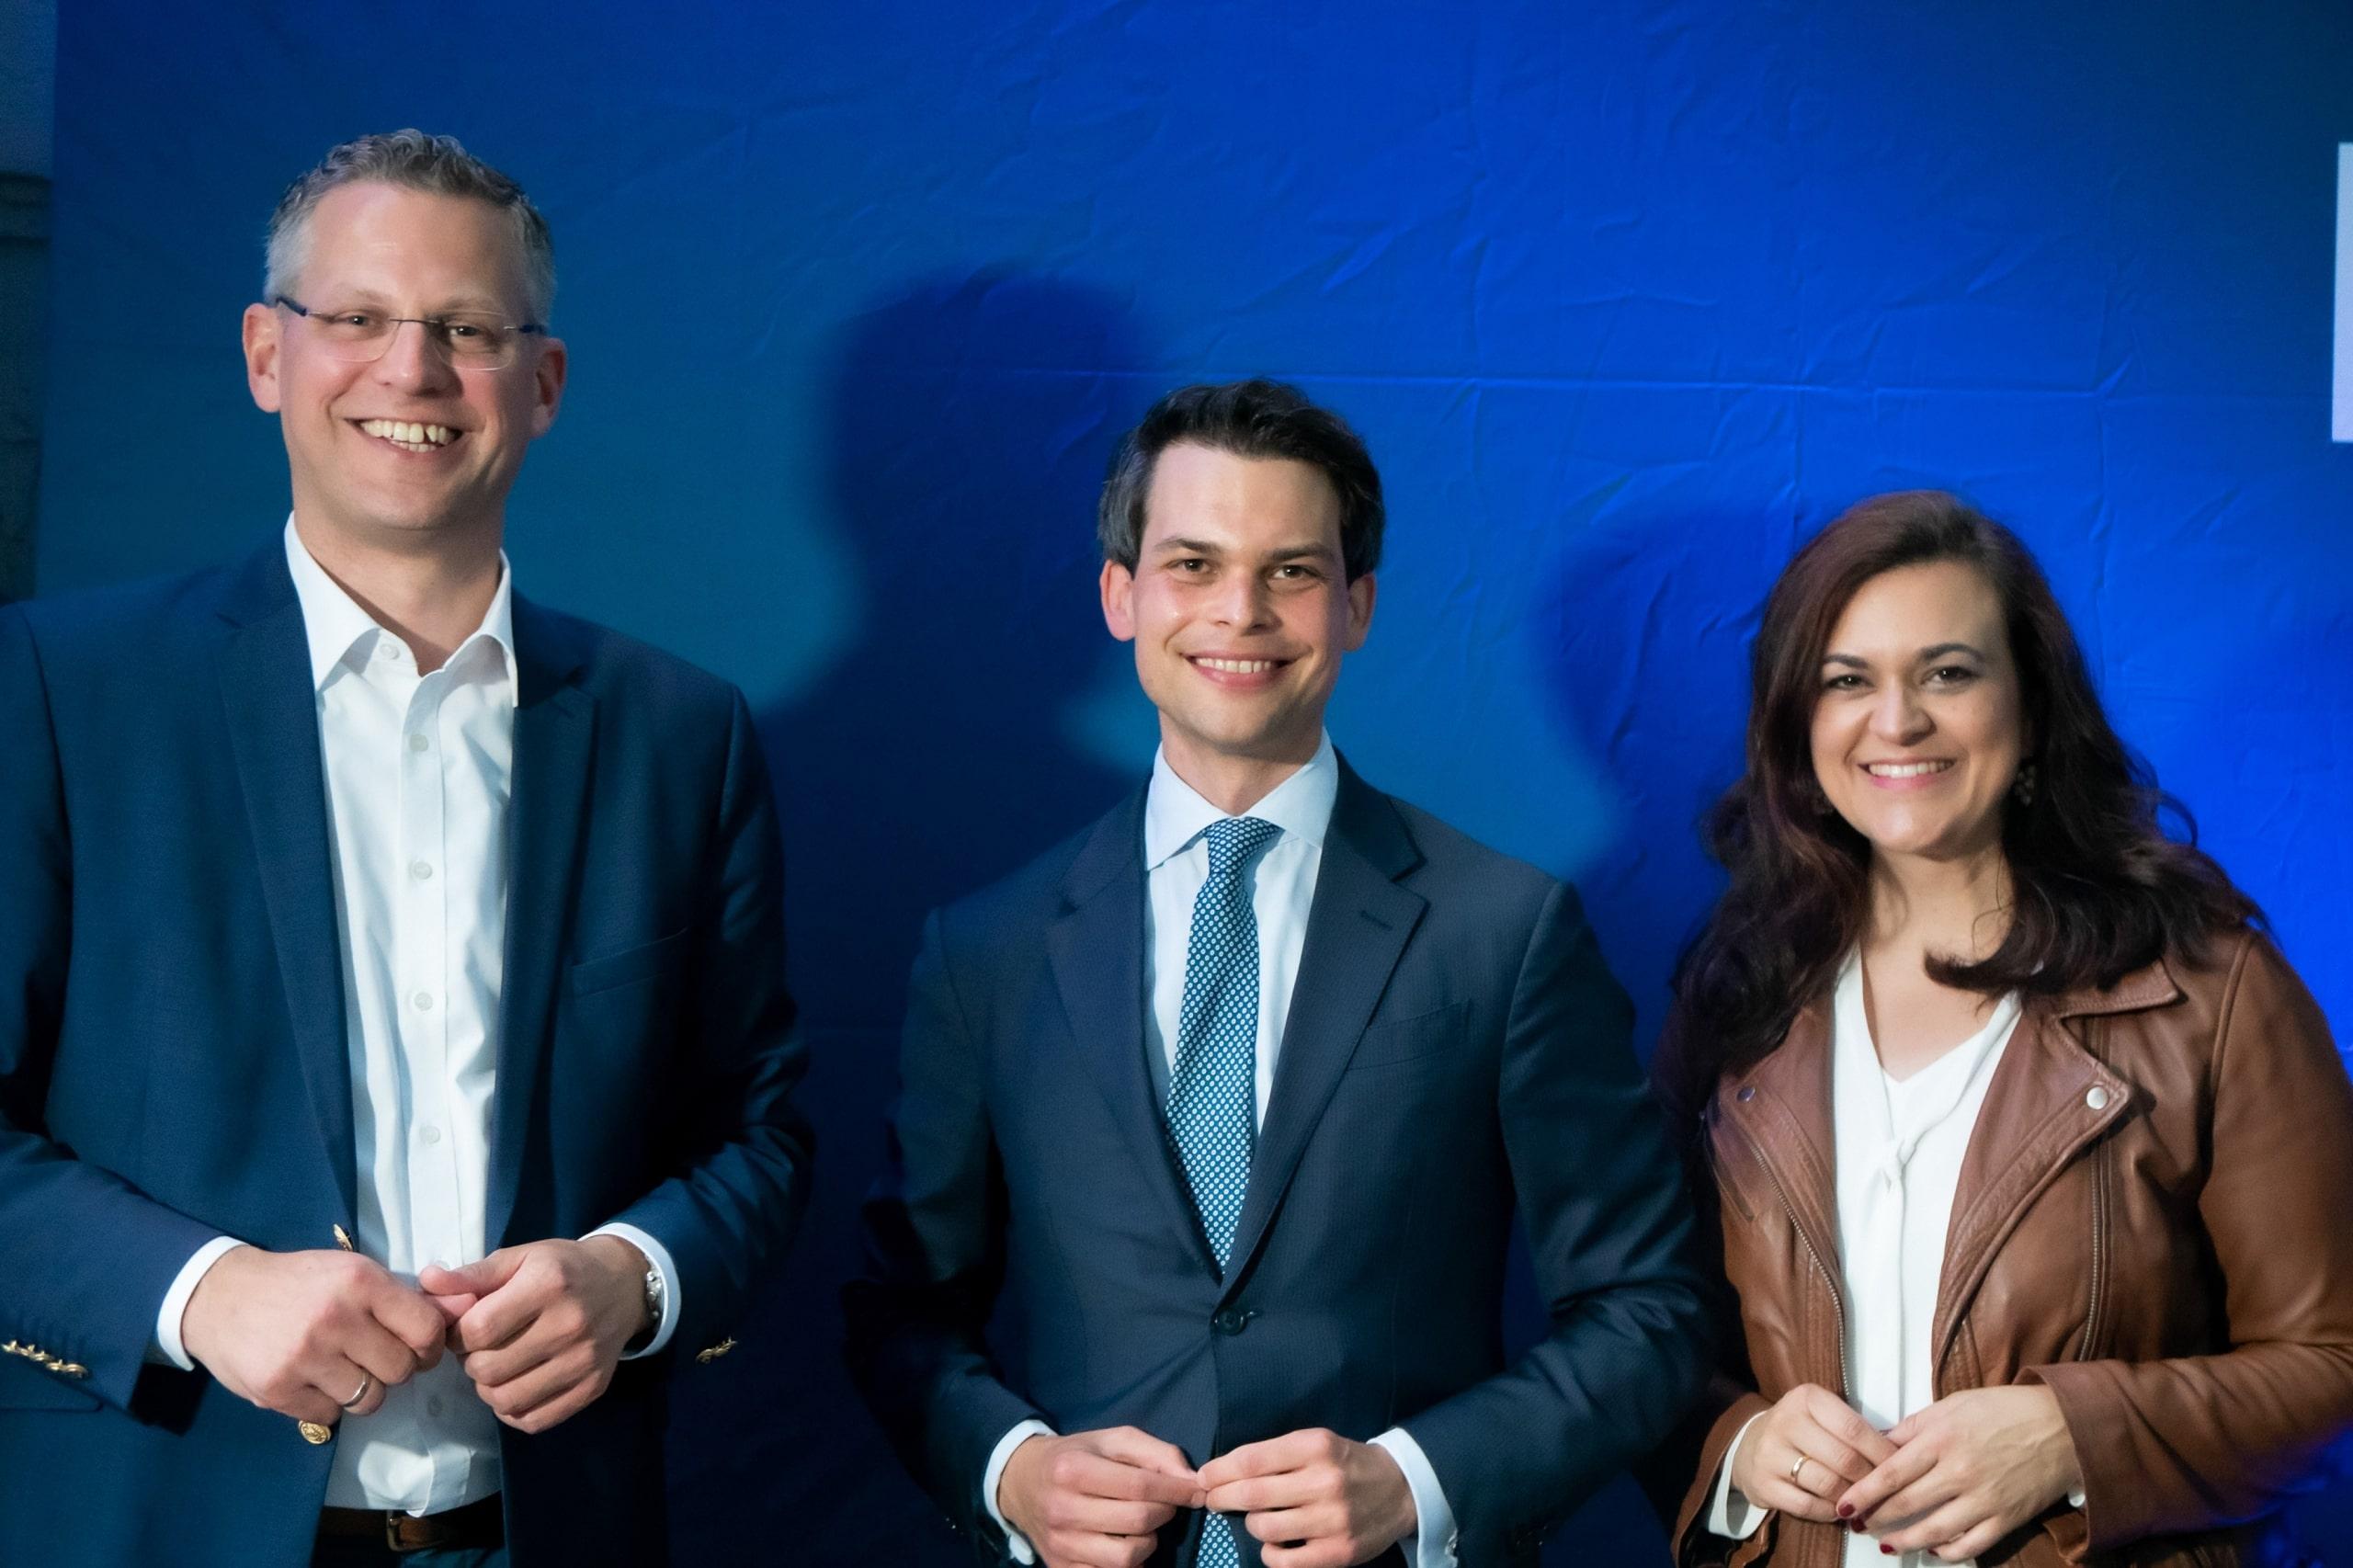 Die Hamburger CDU zieht mit drei Abgeordneten in den neuen Bundestag ein